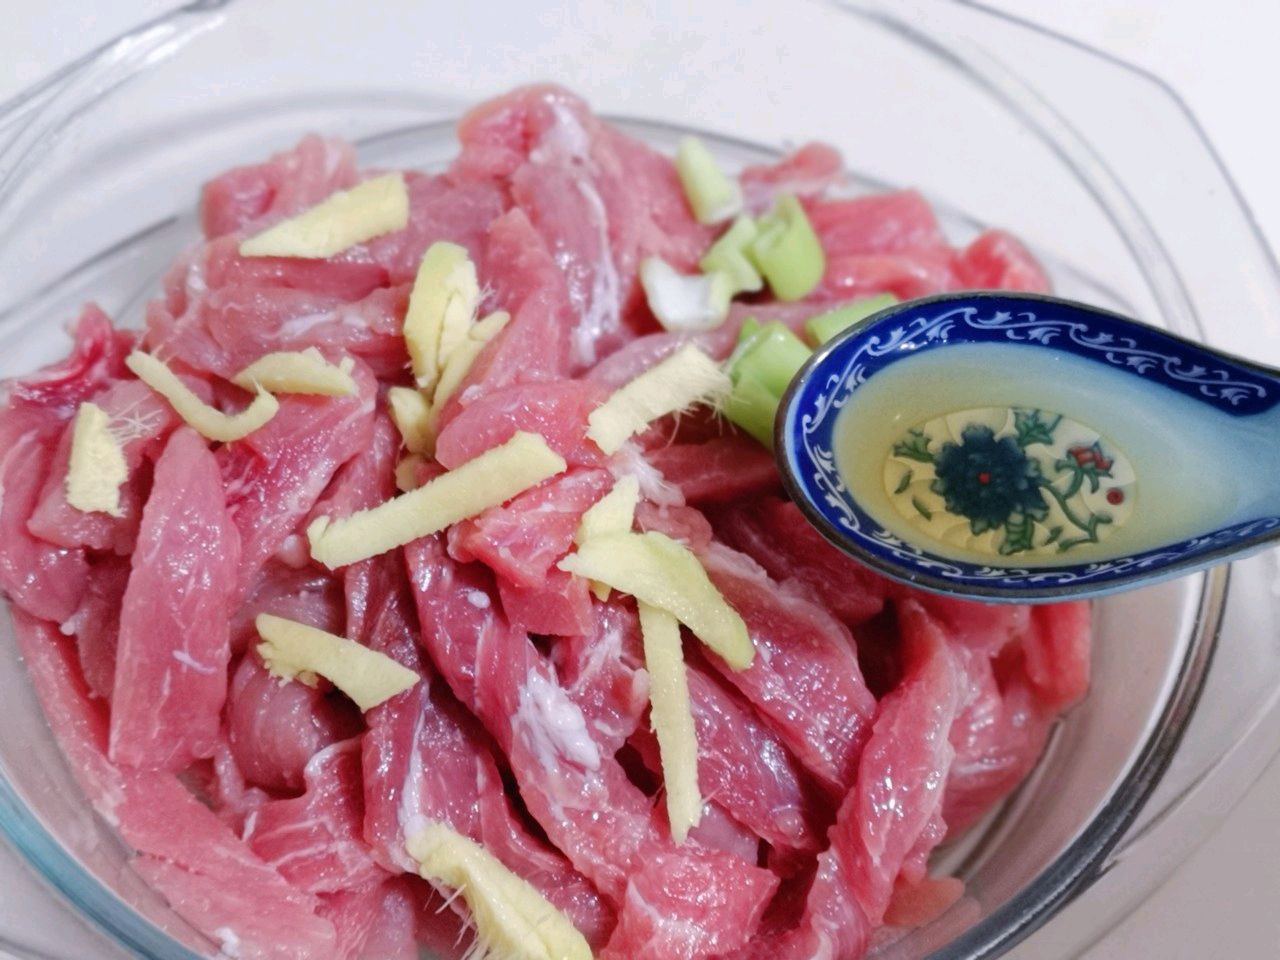 Thịt chiên quá đơn giản nhưng thêm chút nước xốt này thì lên ngay đẳng cấp nhà hàng